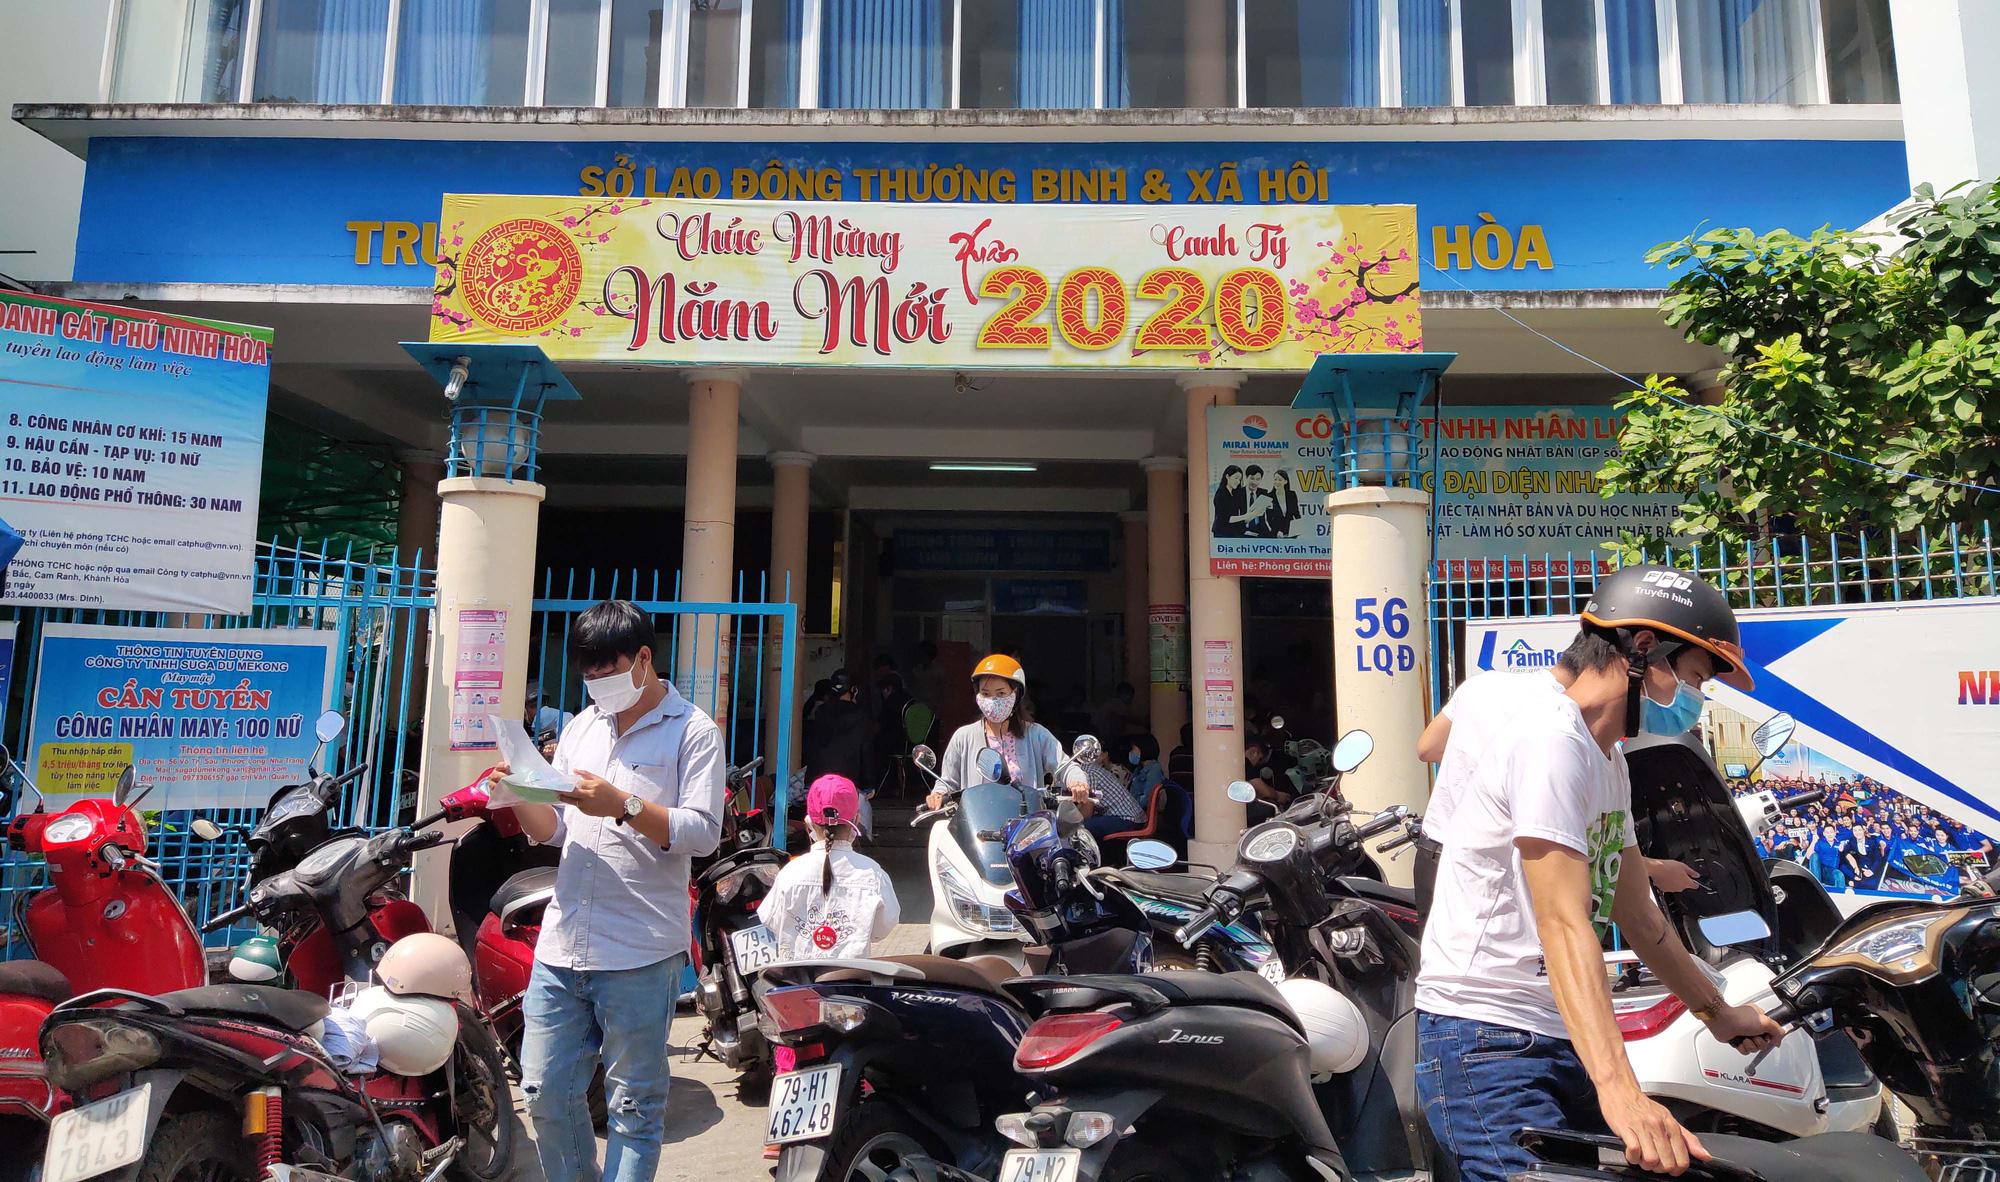 Khánh Hòa: Hàng nghìn lao động mất việc, nhân viên Trung tâm Dịch vụ việc làm mướt mồ hôi giải quyết hồ sơ - Ảnh 1.